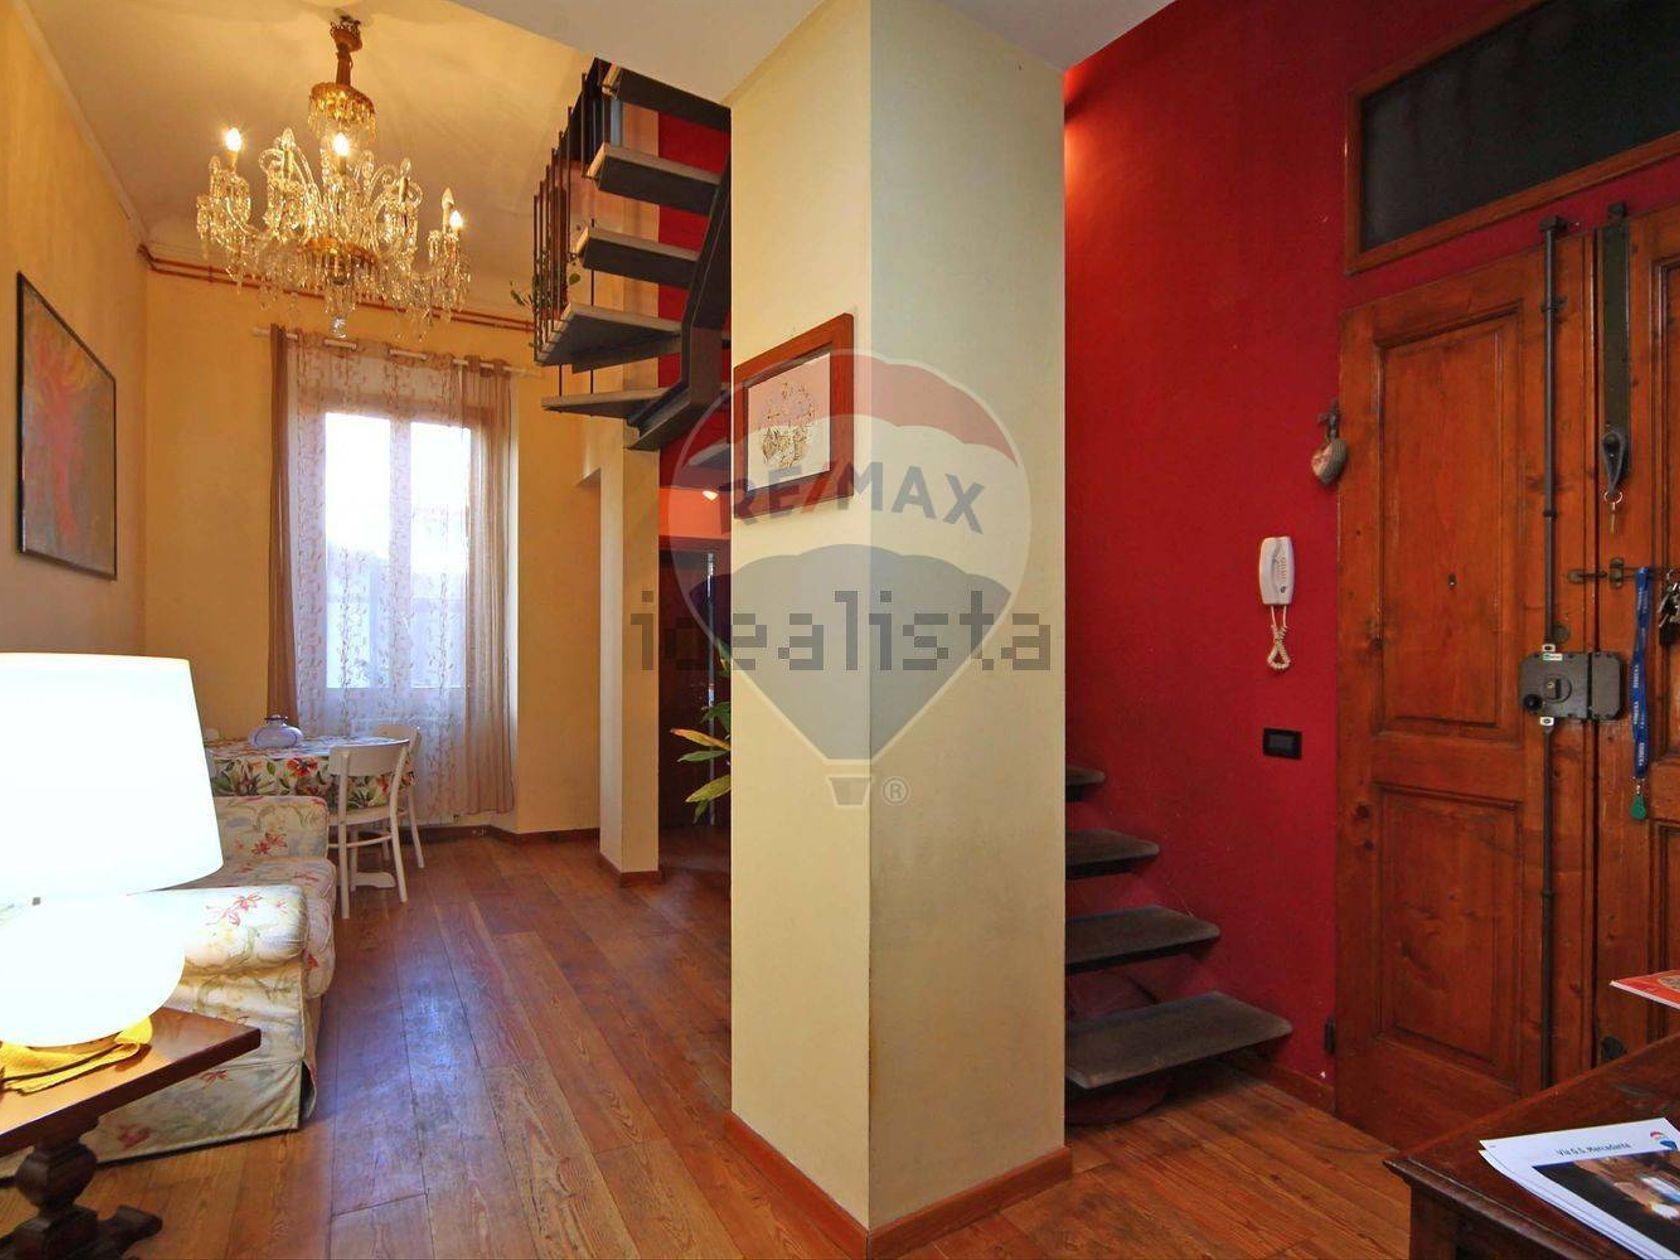 Appartamento Firenze - Porta A Prato San Jacopino Fortezza, Firenze, FI Vendita - Foto 15